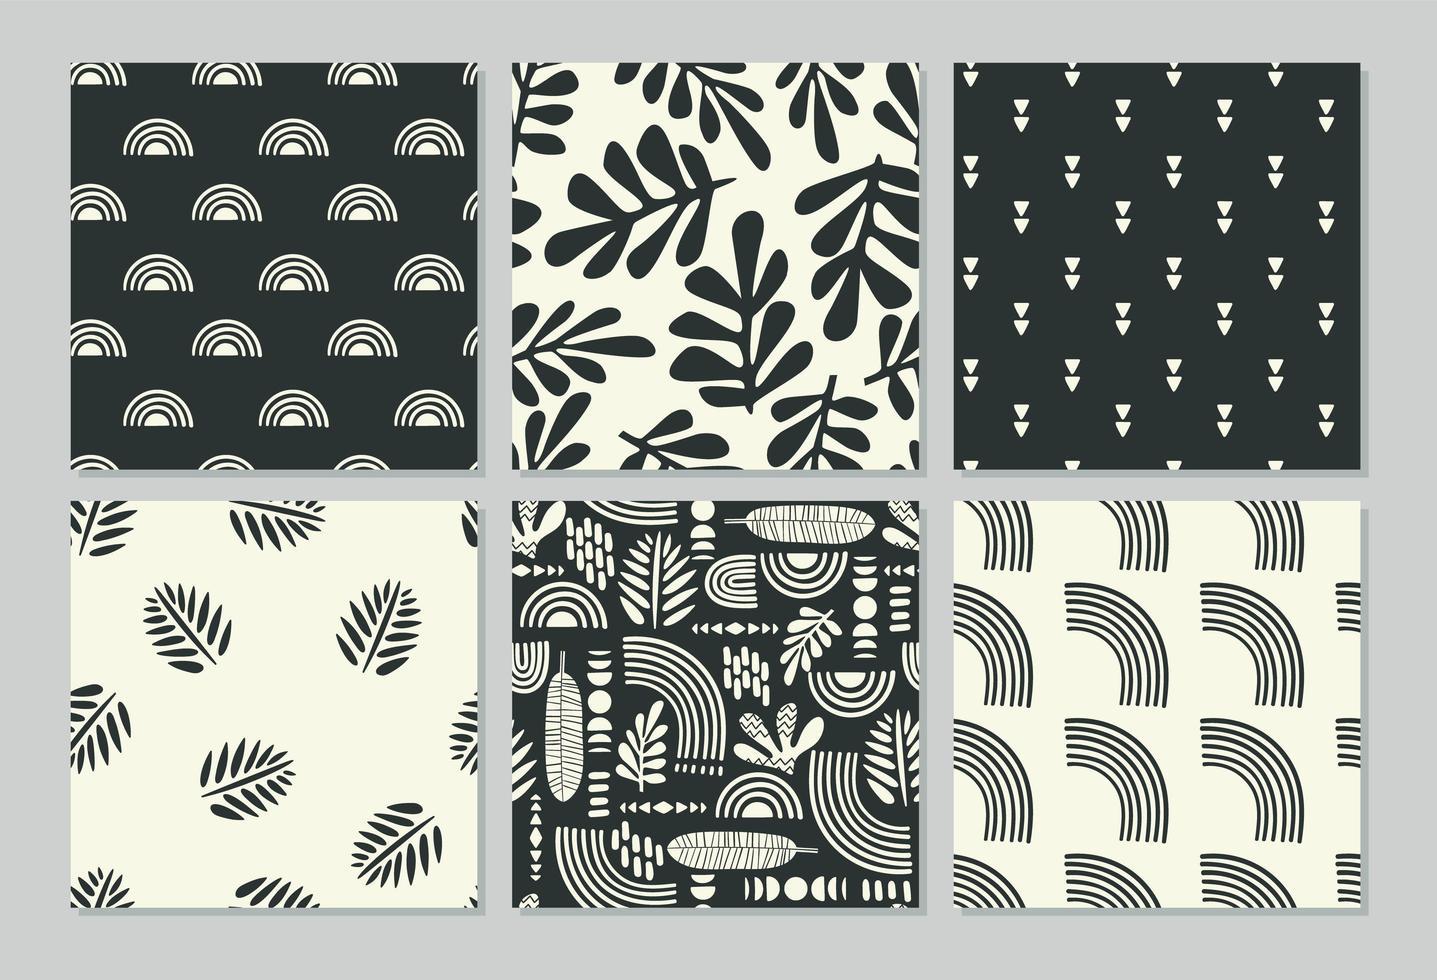 padrões sem costura artísticos com folhas abstratas vetor